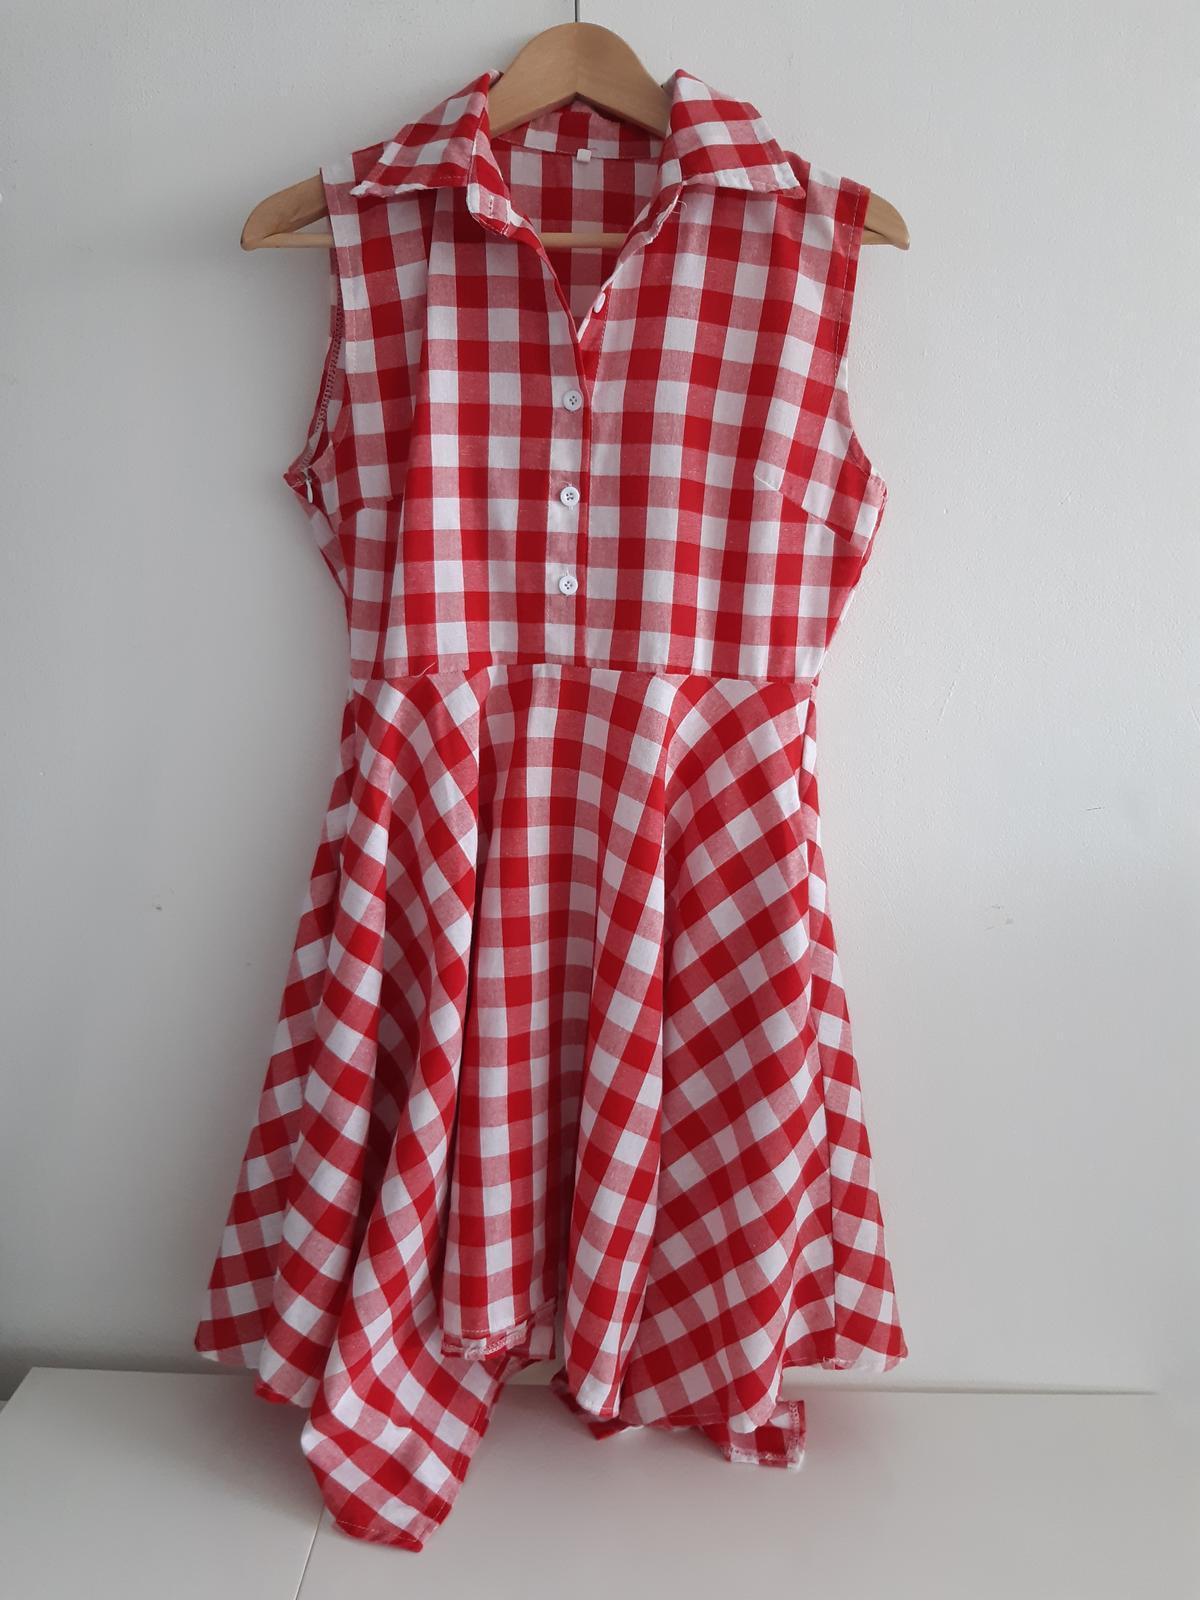 červené kostkované šaty - Obrázek č. 1